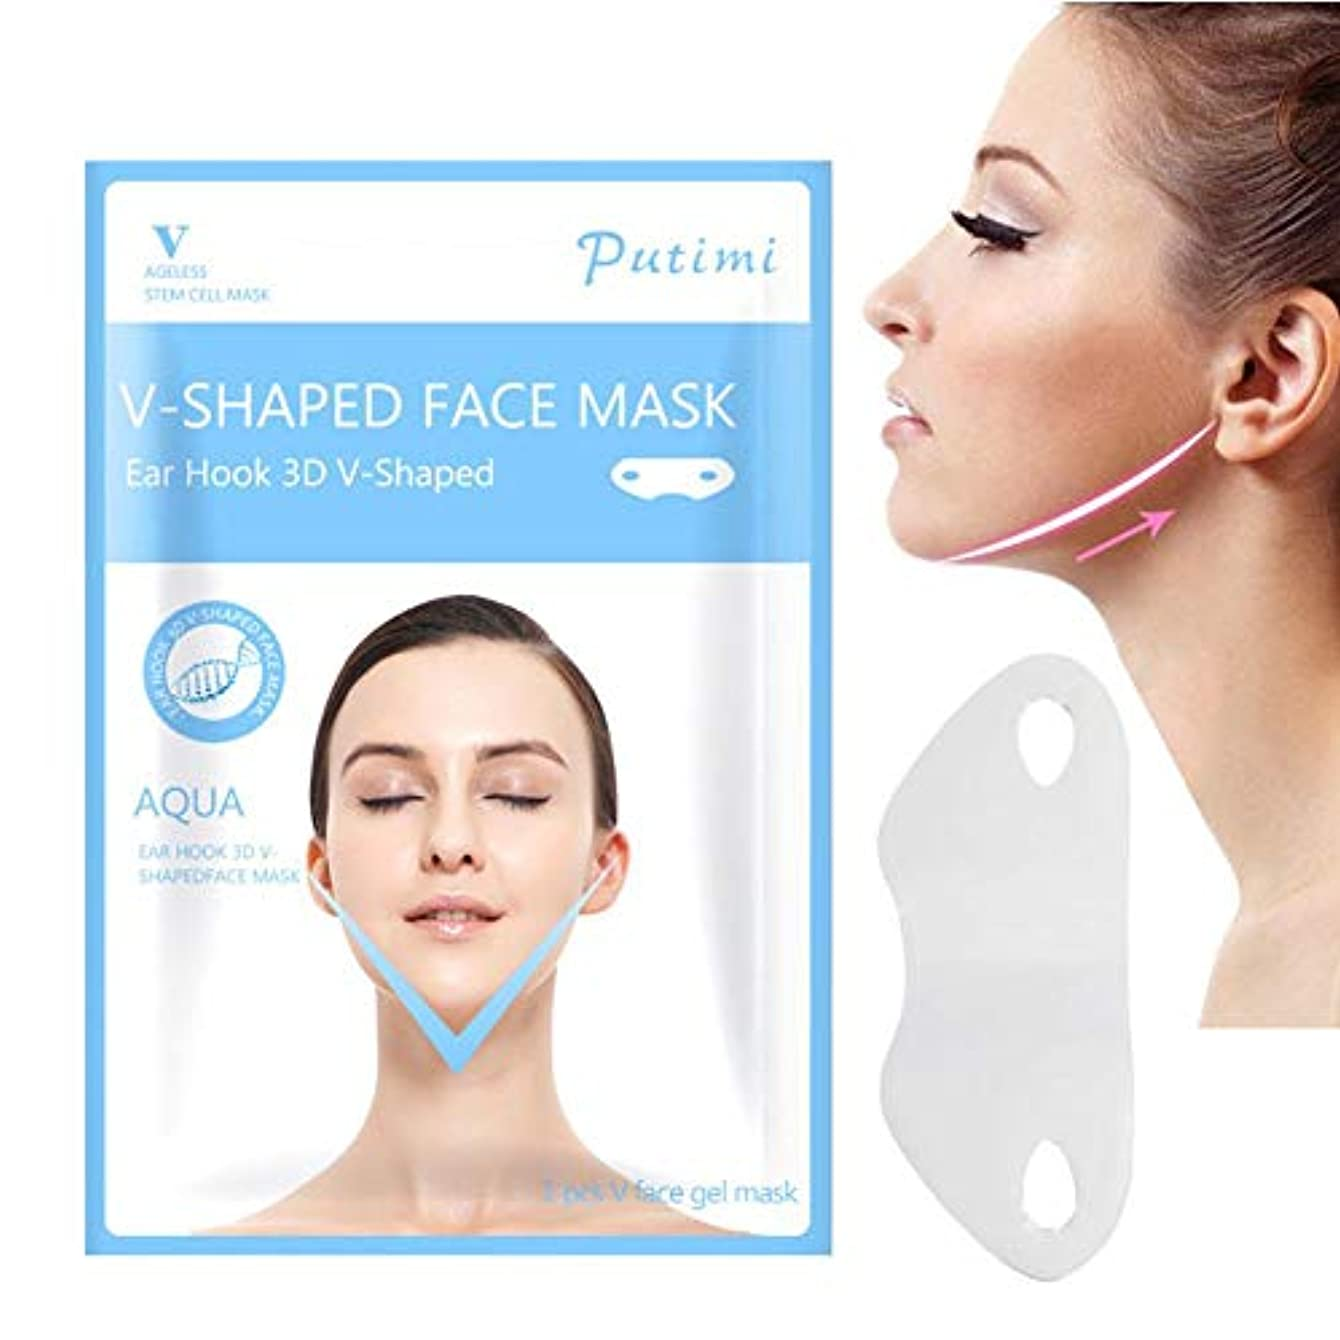 仮説行動観客SILUN 最新型 Vフェイシャルマスク フェイスマスク 小顔 マスク フェイスラインベルト 美顔 顔痩せ 保湿 血行を促進する 睡眠マスク